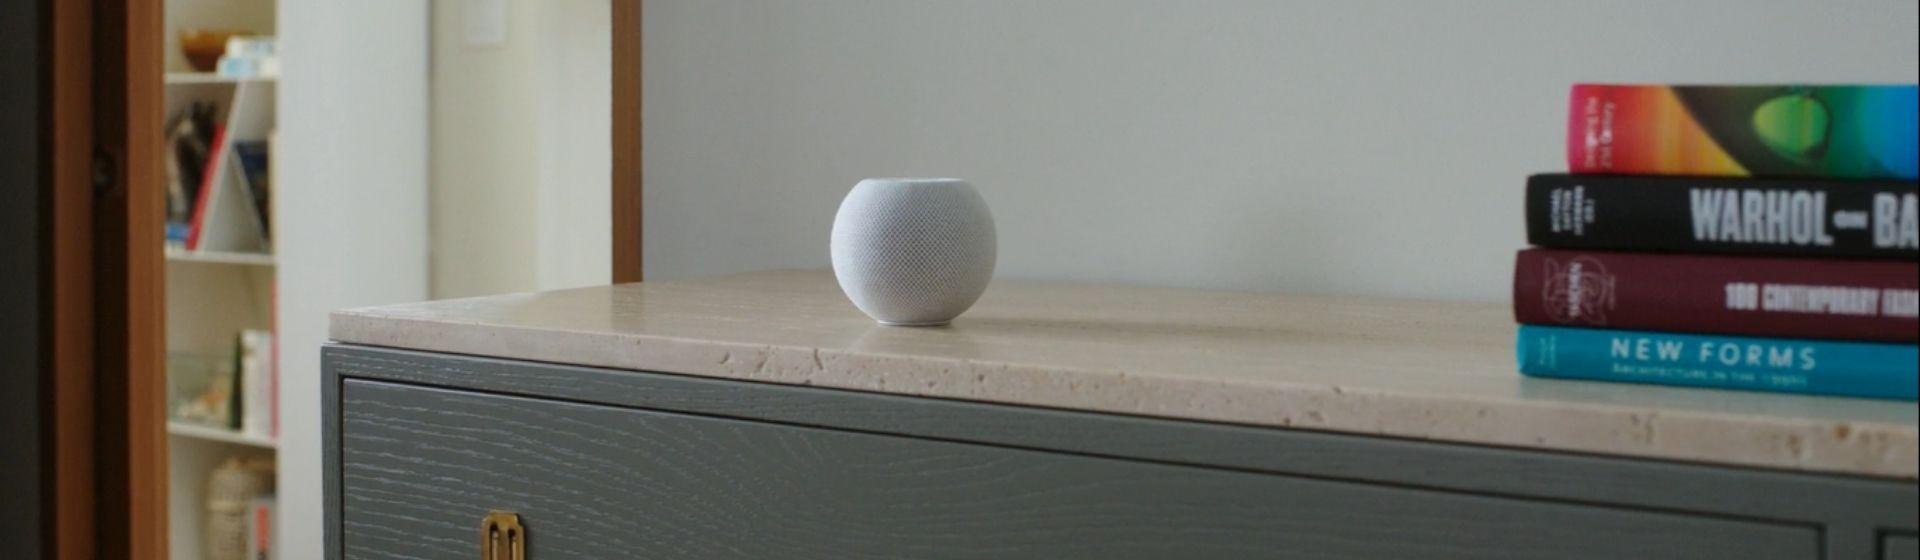 HomePod Mini: Apple lança novo smart speaker com reconhecimento de voz